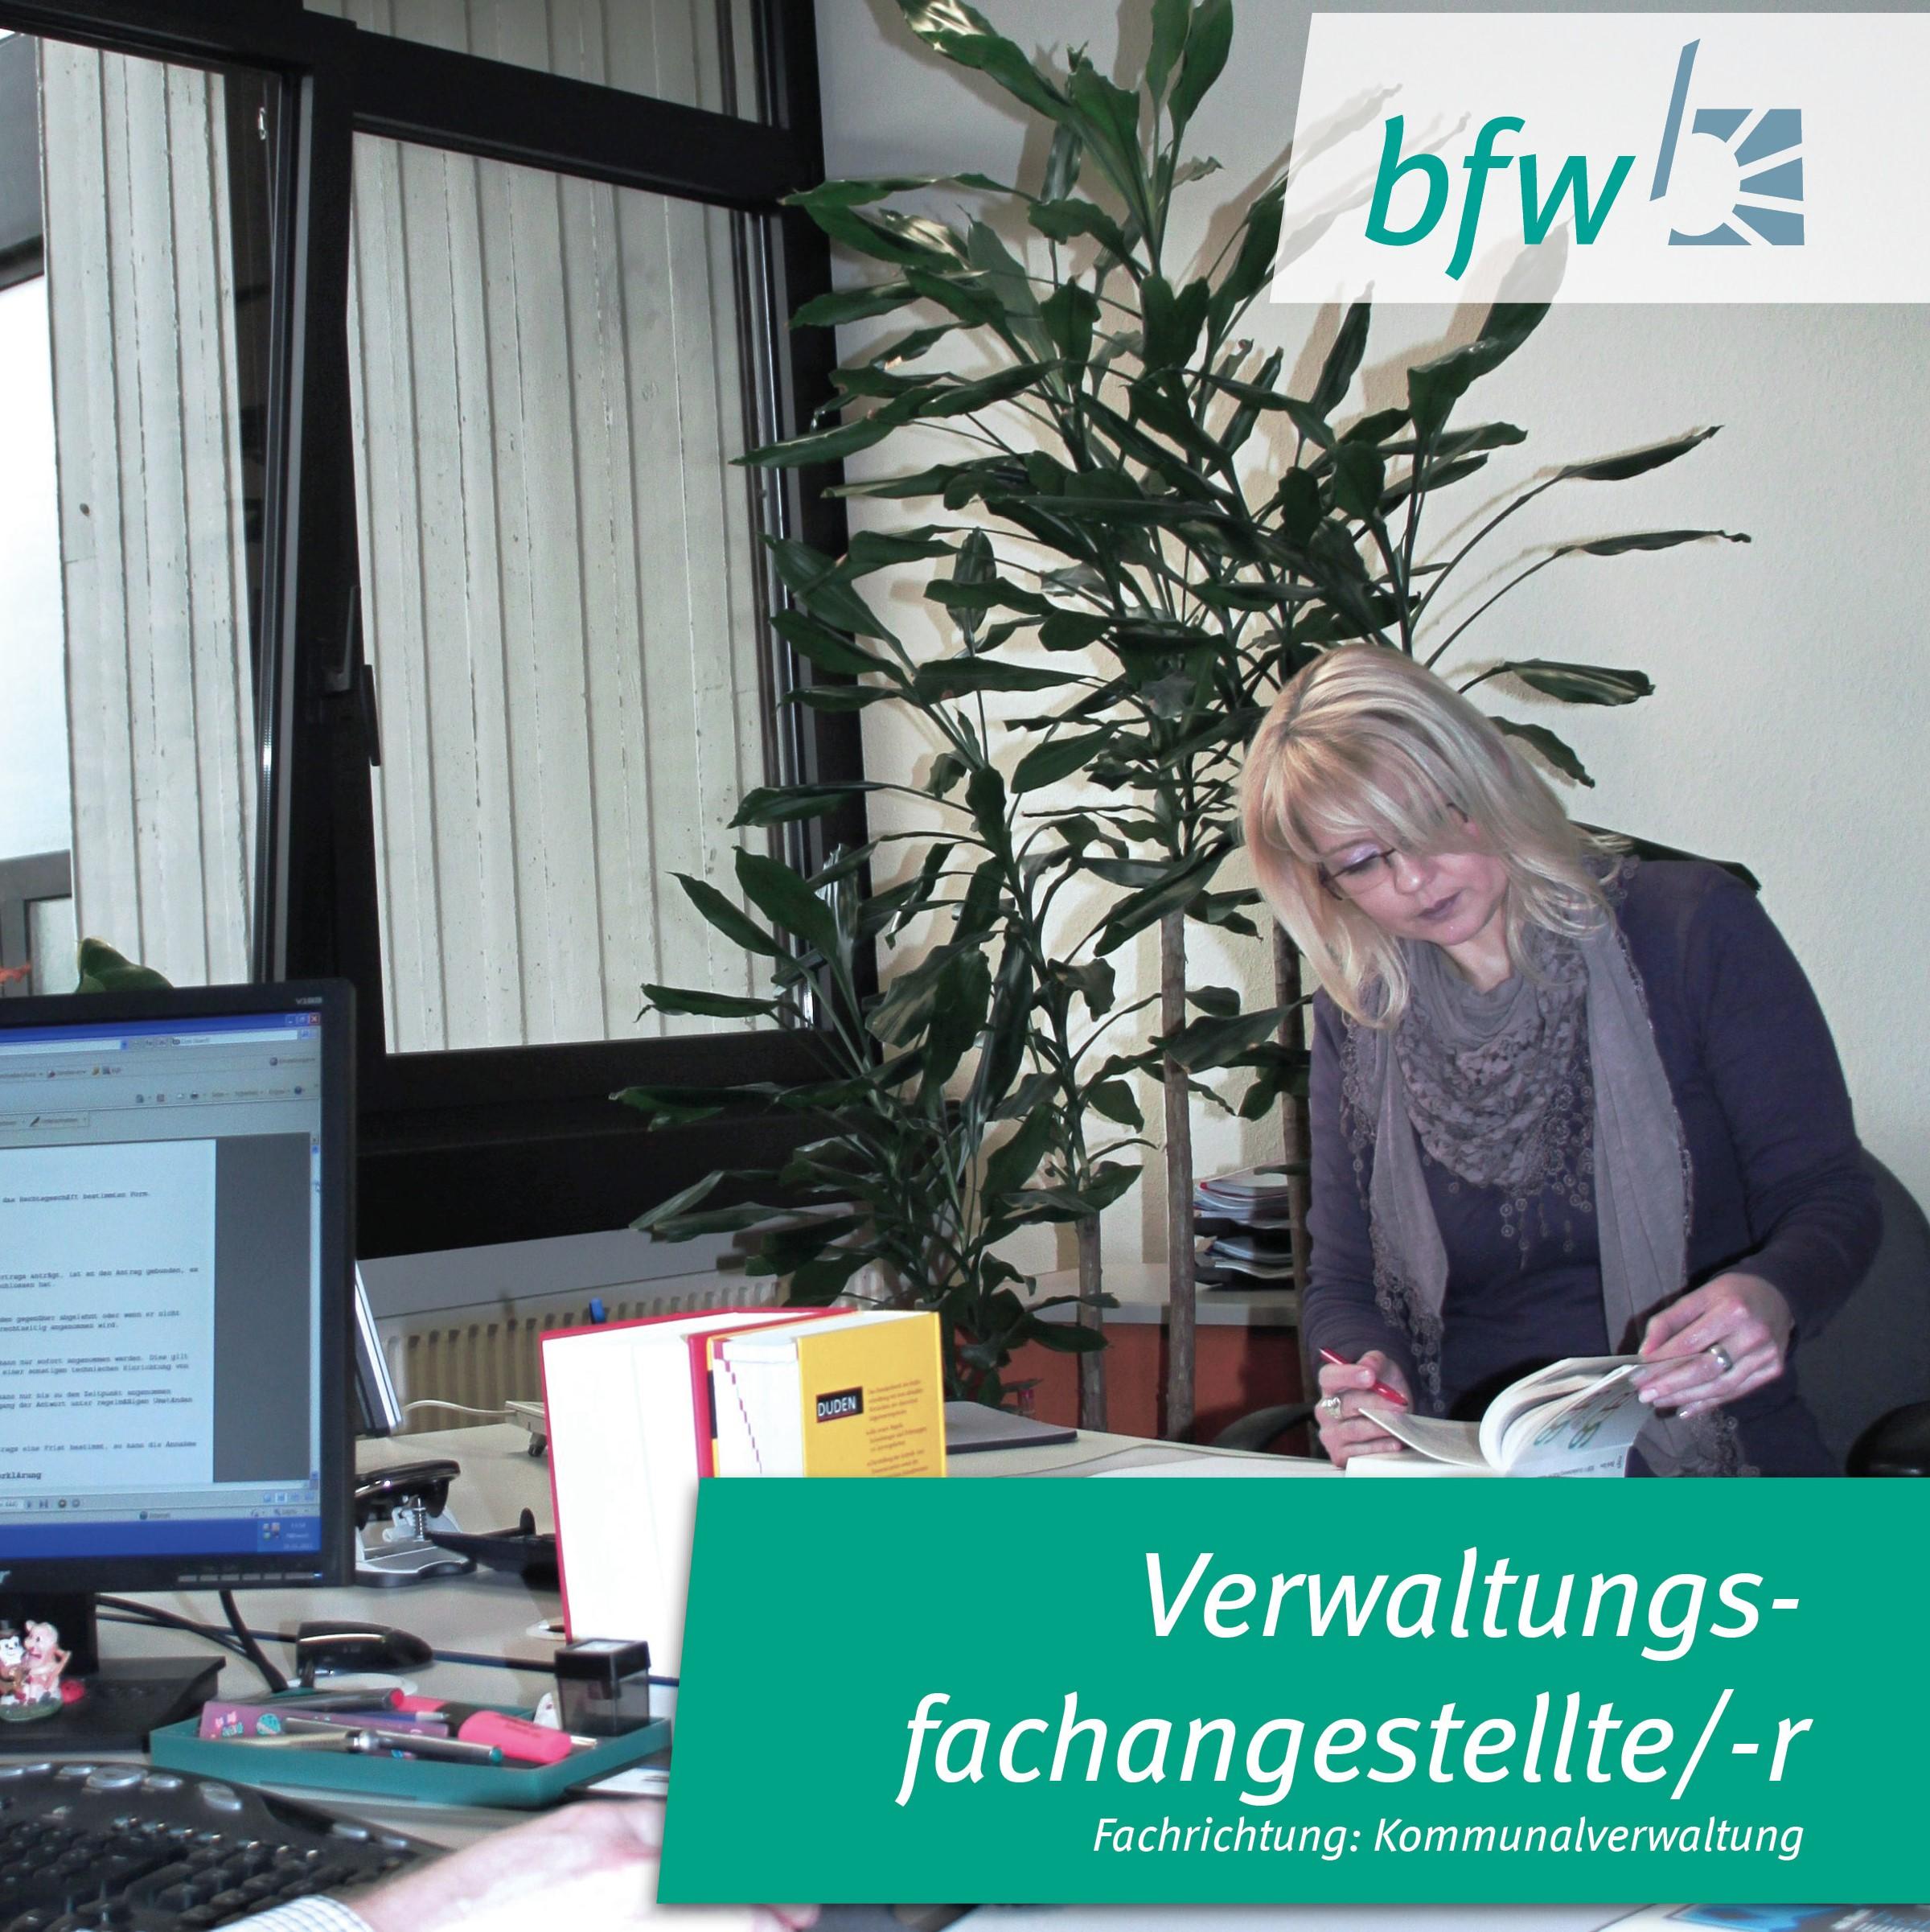 Verwaltungs-fachangestellte/-r (Kommunalverwaltung) Image